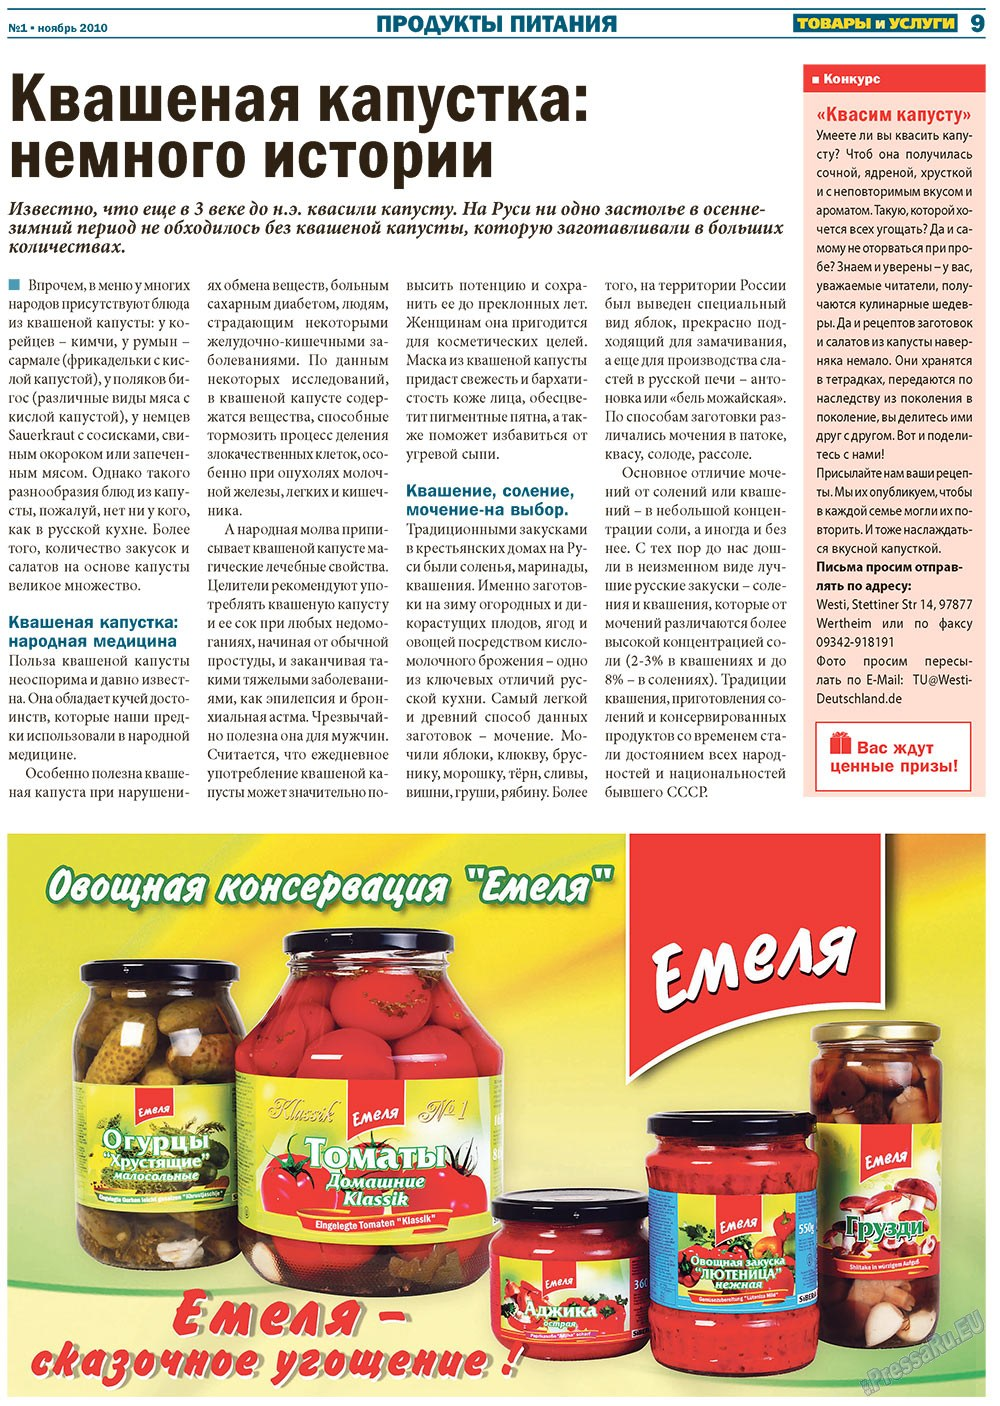 Товары и услуги (газета). 2010 год, номер 1, стр. 9